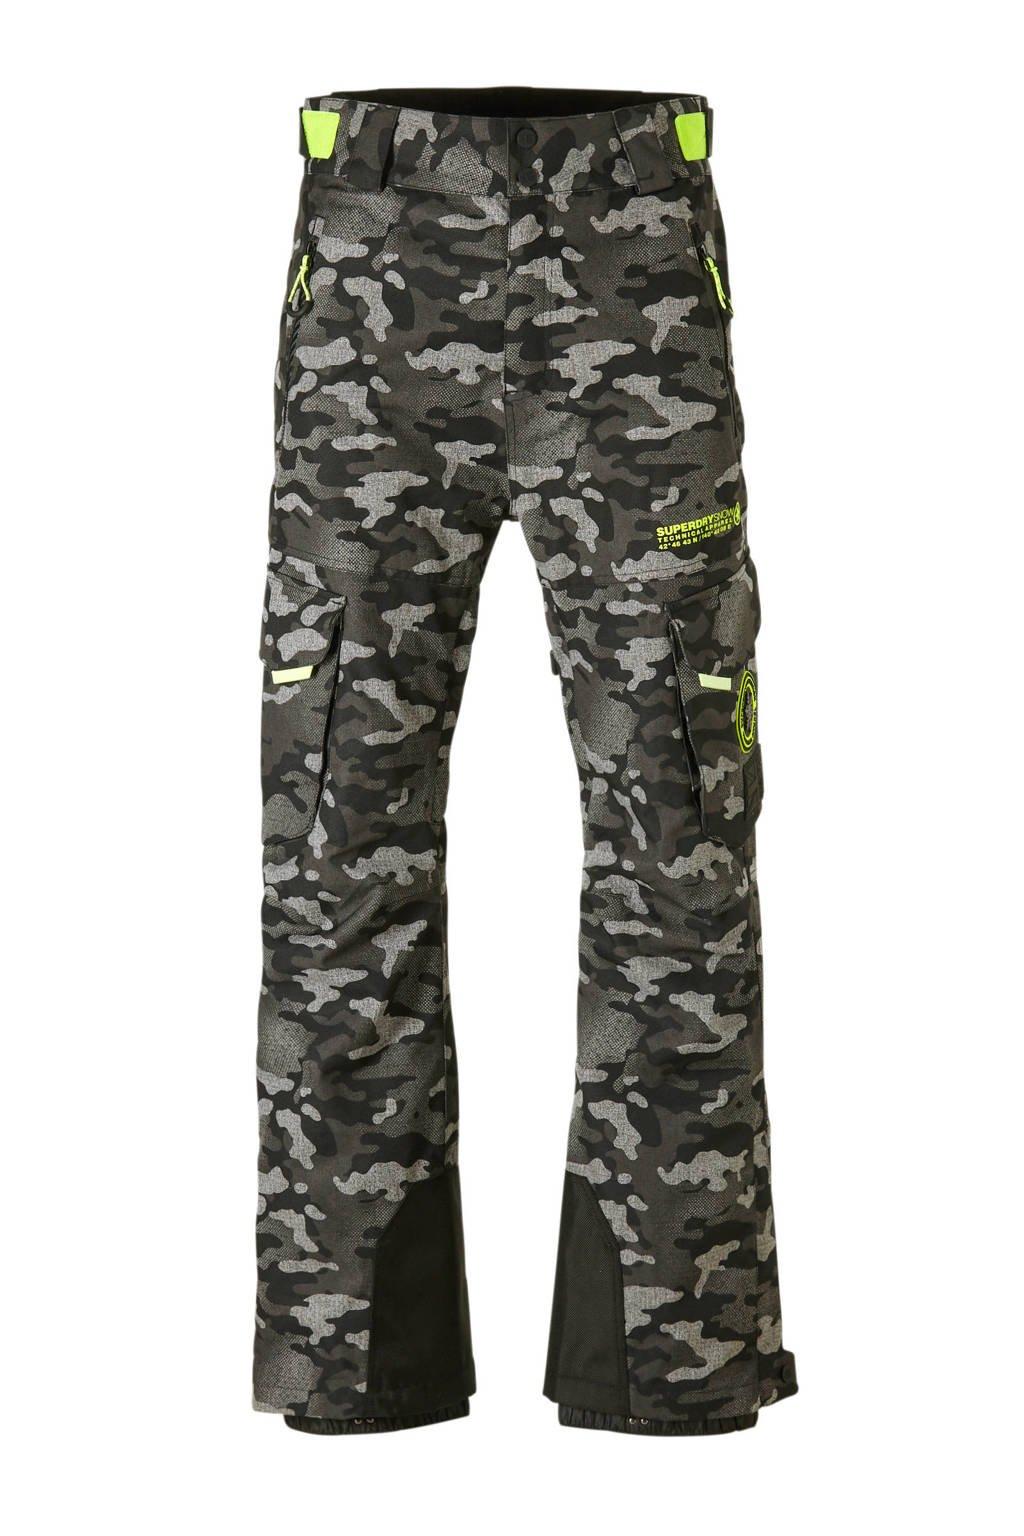 Superdry Sport skibroek grijs, grijs/zwart camouflage